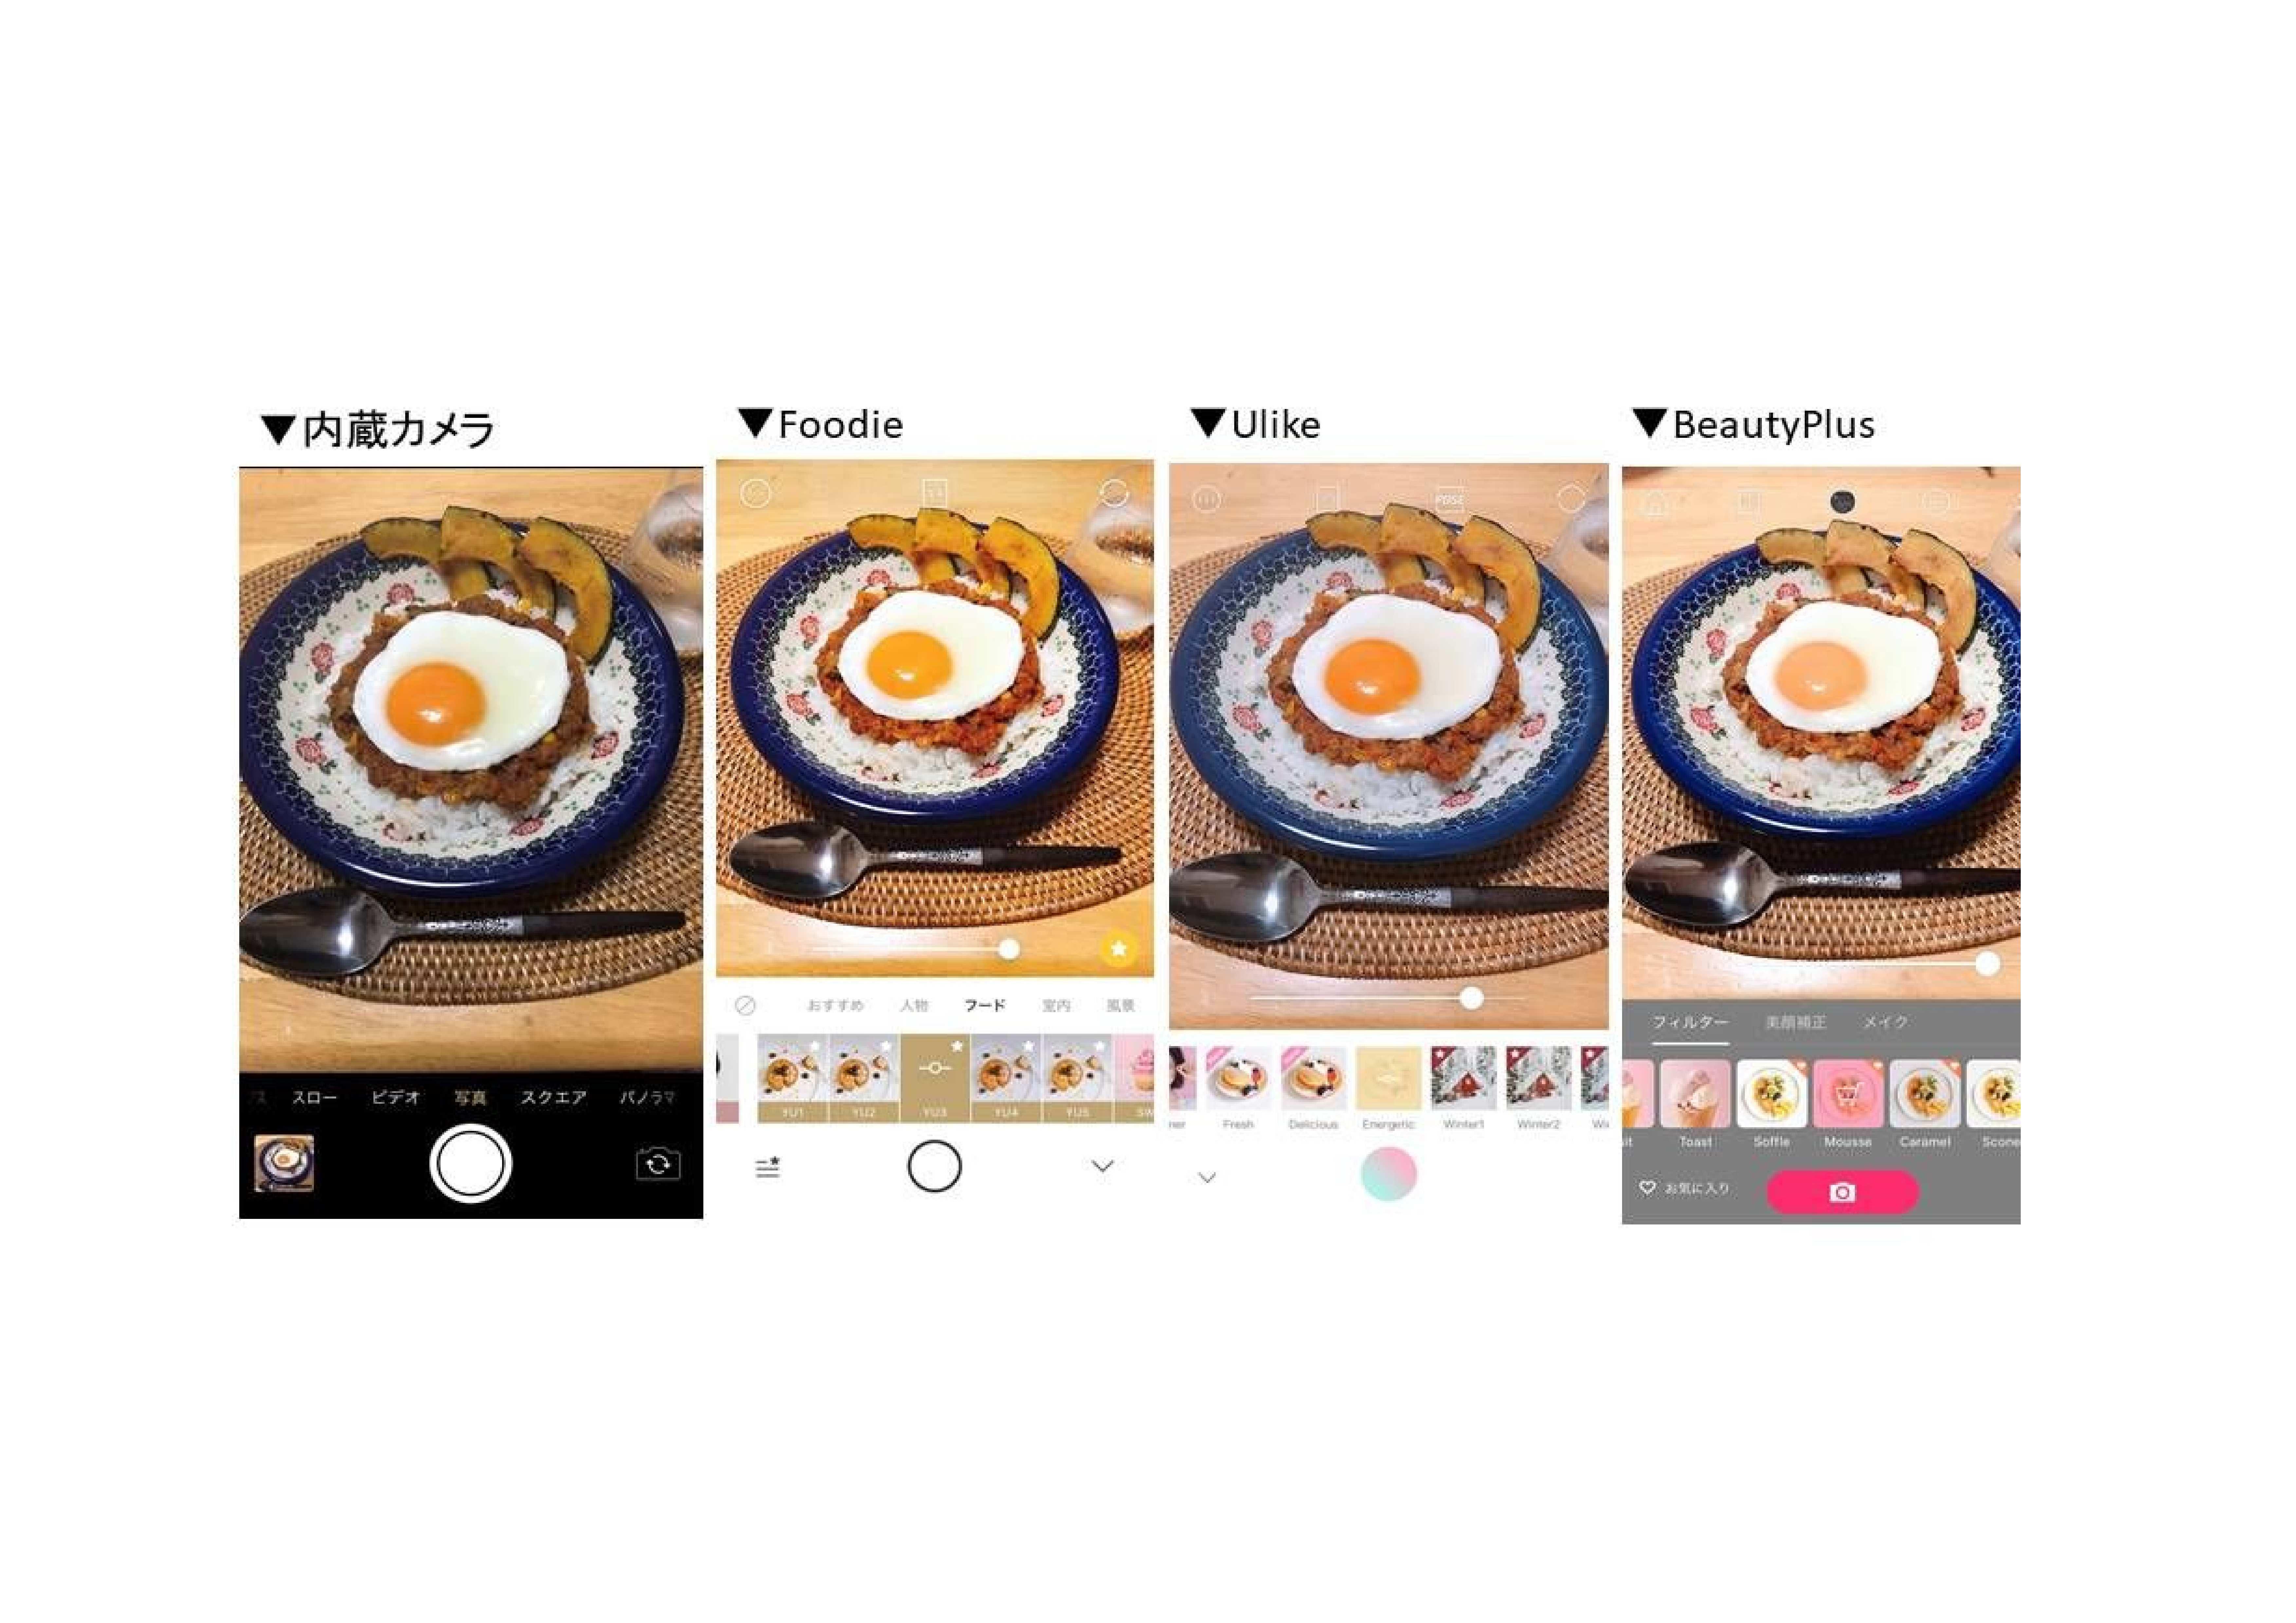 【Foodie/Ulike/BeautyPlus】カメラアプリ比較(食べ物)